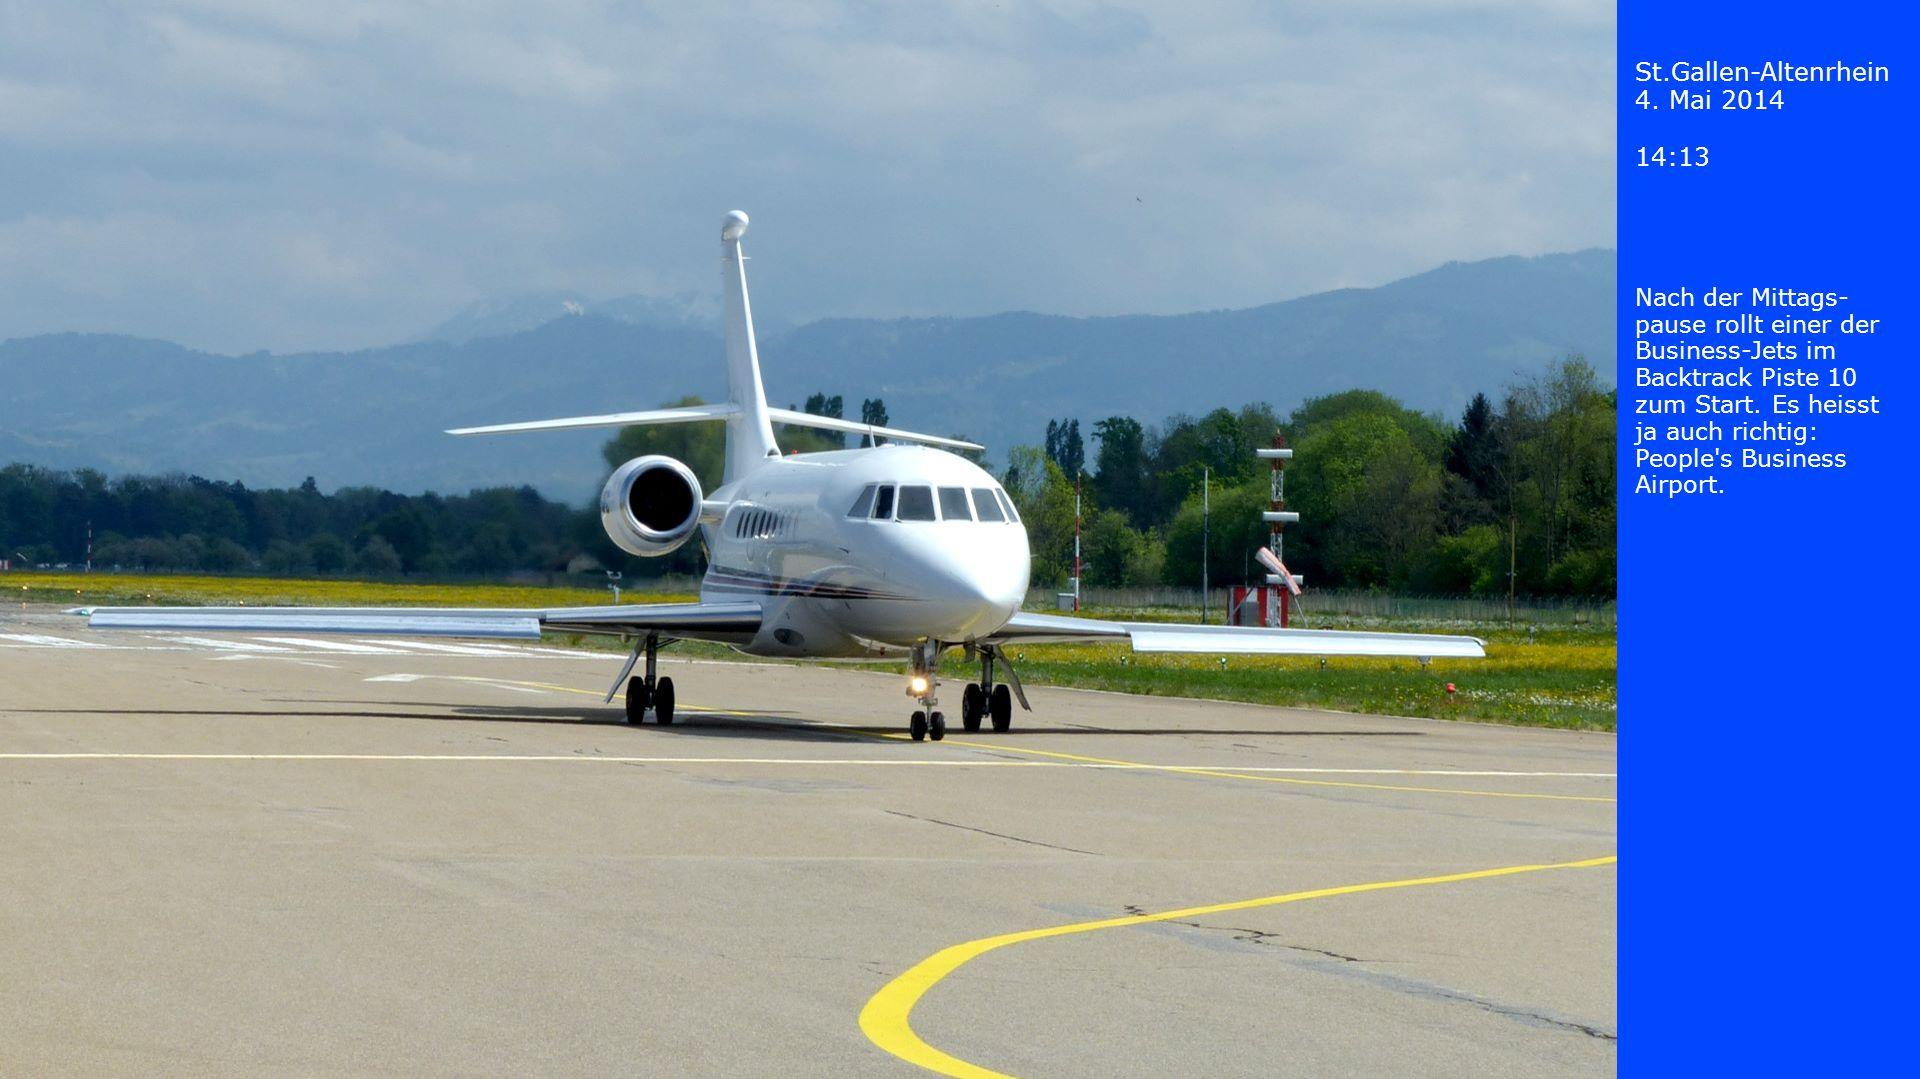 St.Gallen-Altenrhein 4. Mai 2014 14:13 Nach der Mittags- pause rollt einer der Business-Jets im Backtrack Piste 10 zum Start. Es heisst ja auch richti